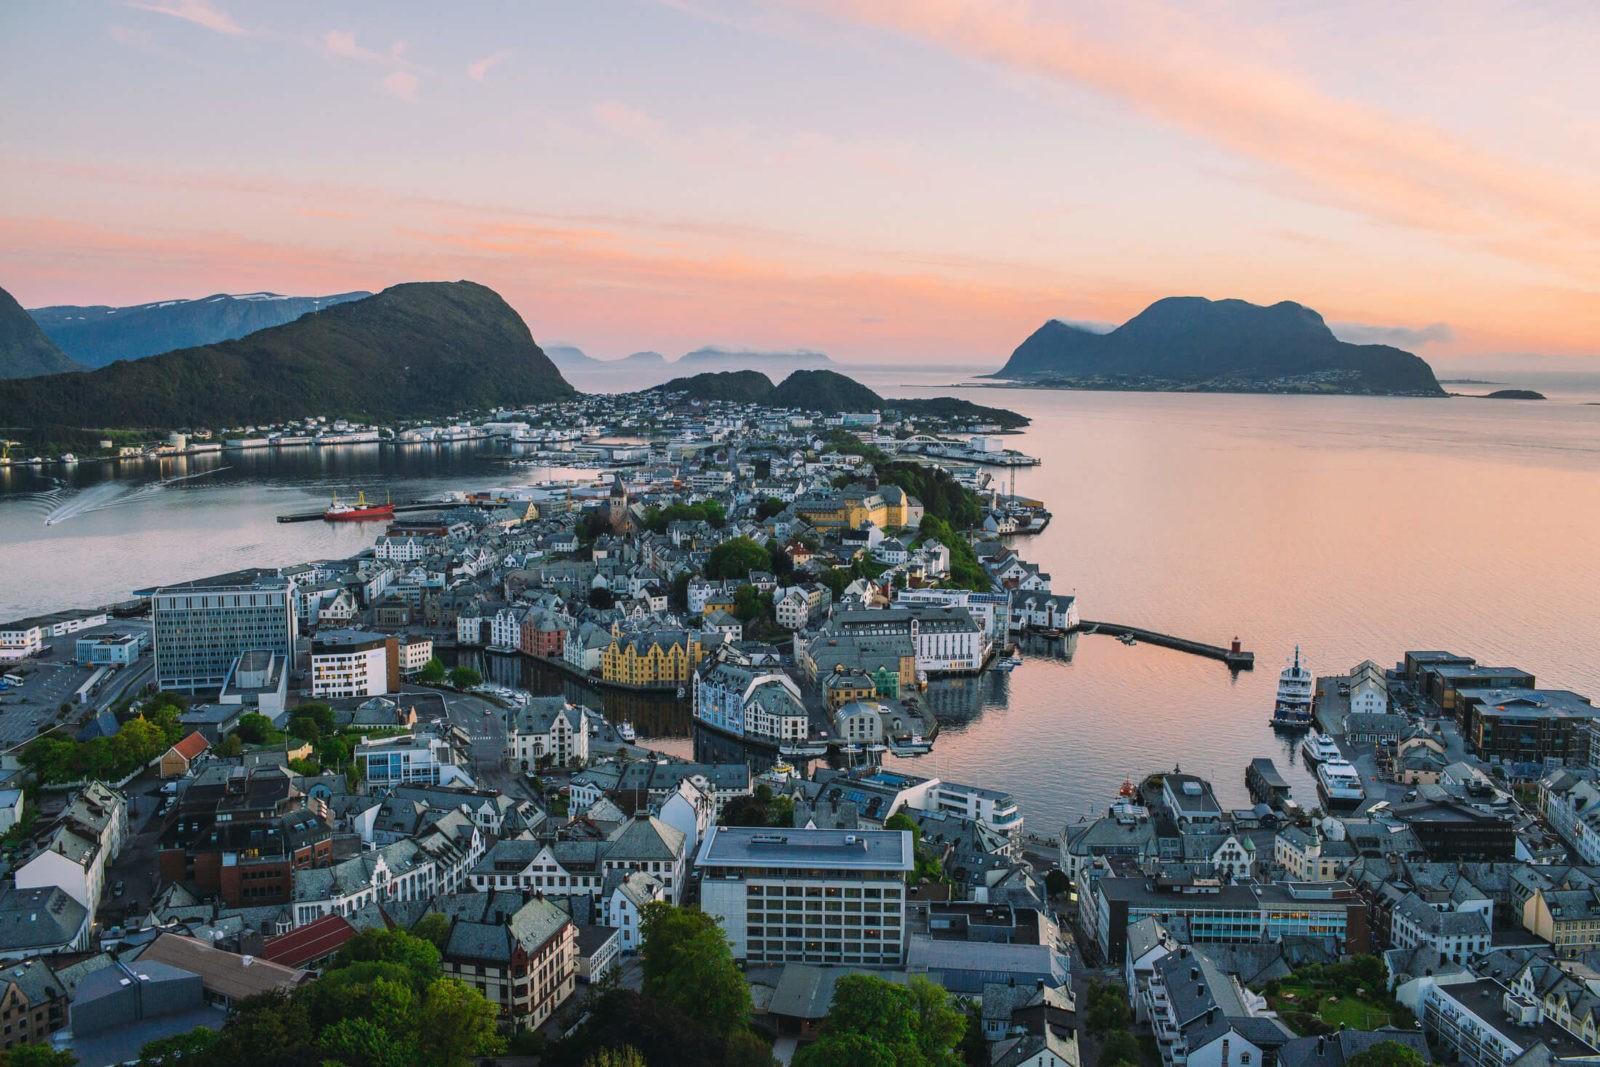 Uitzicht op Alesund vanaf uitkijkpunt Aksla (Foto: Samuel Taipale/visitnorway.com)